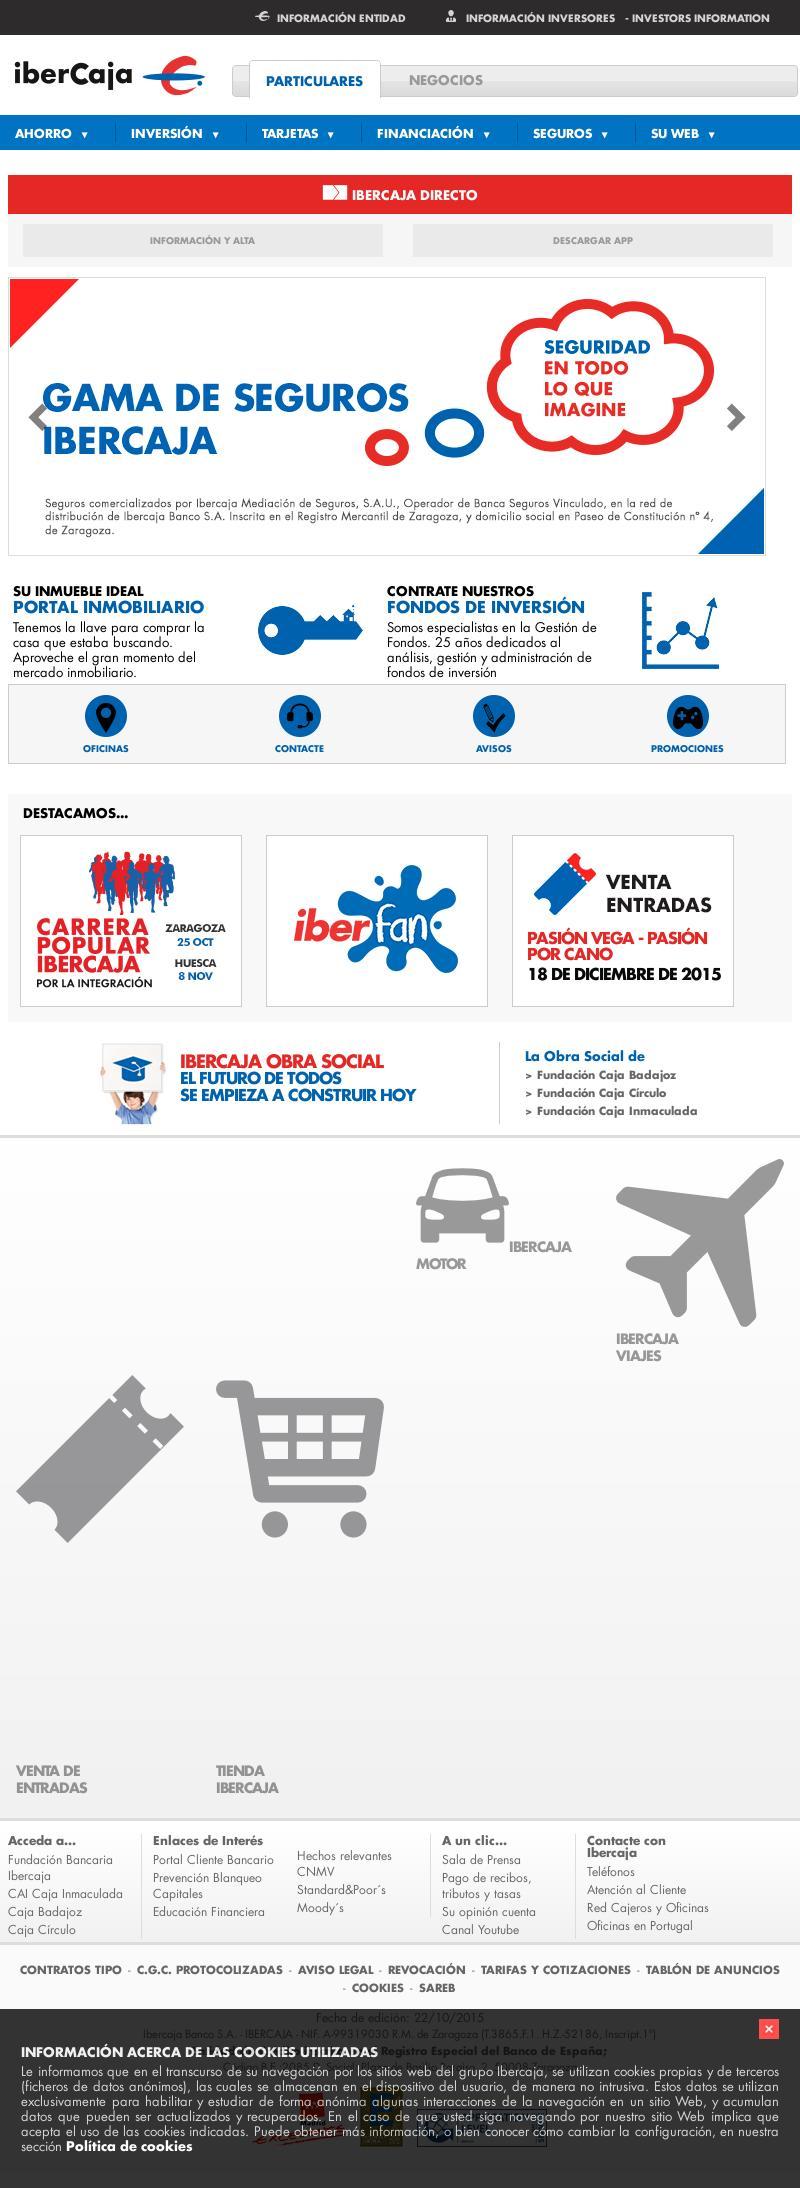 Proceso de contratación Tarjeta Mastercard Débito de IberCaja 1